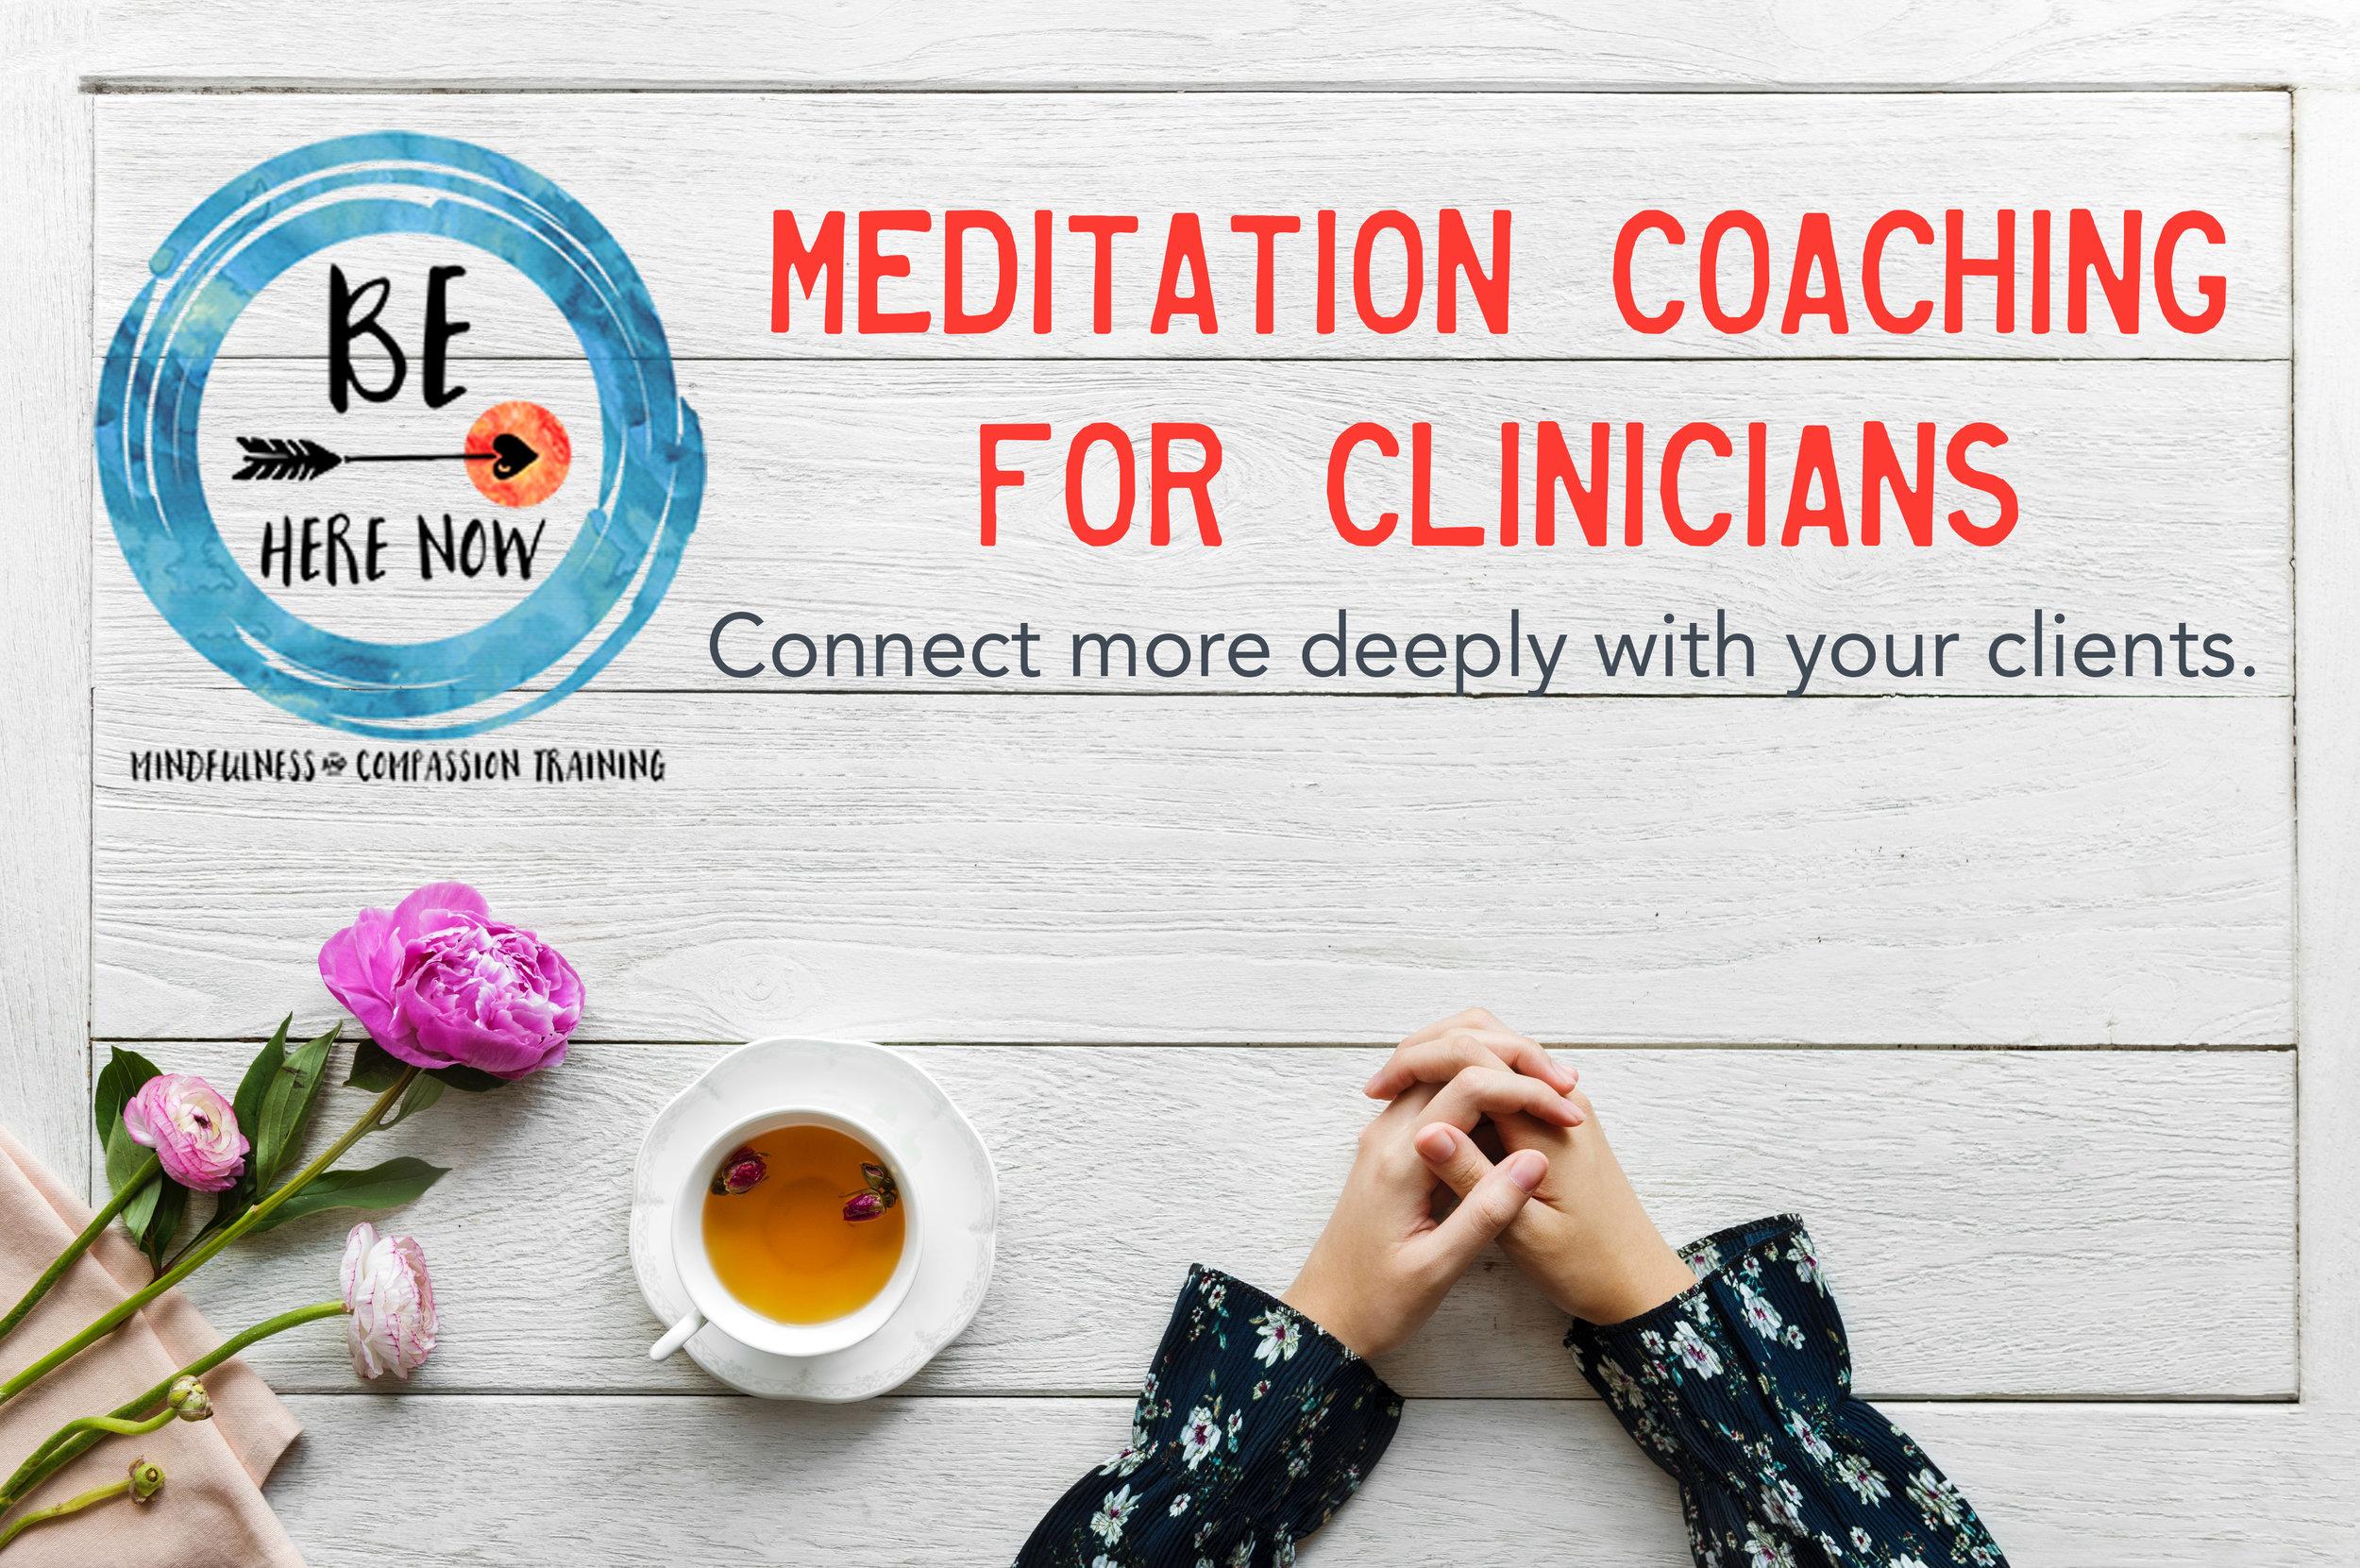 cliniciancoaching.jpg